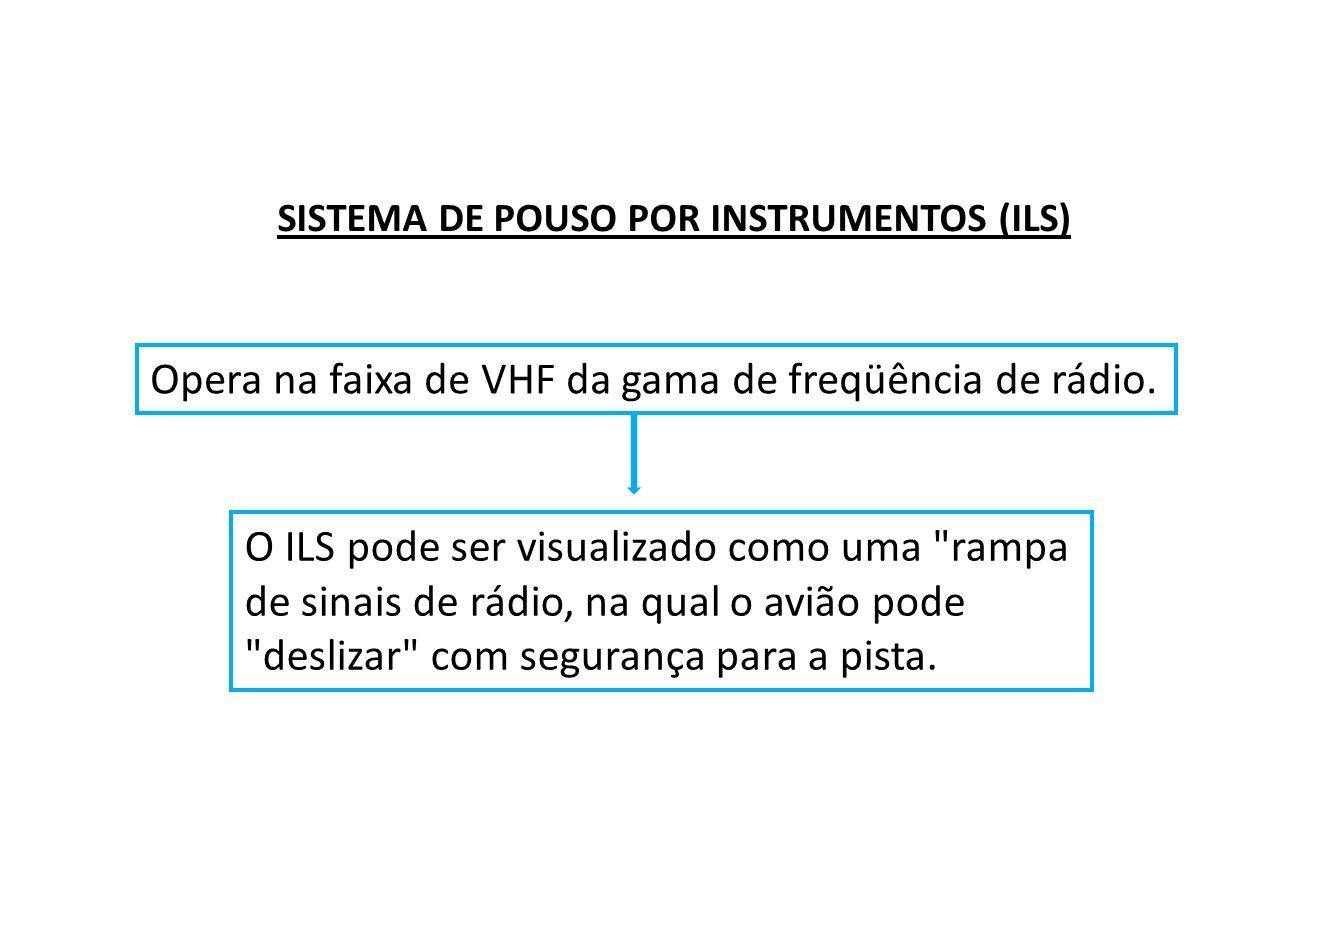 Opera na faixa de VHF da gama de freqüência de rádio.